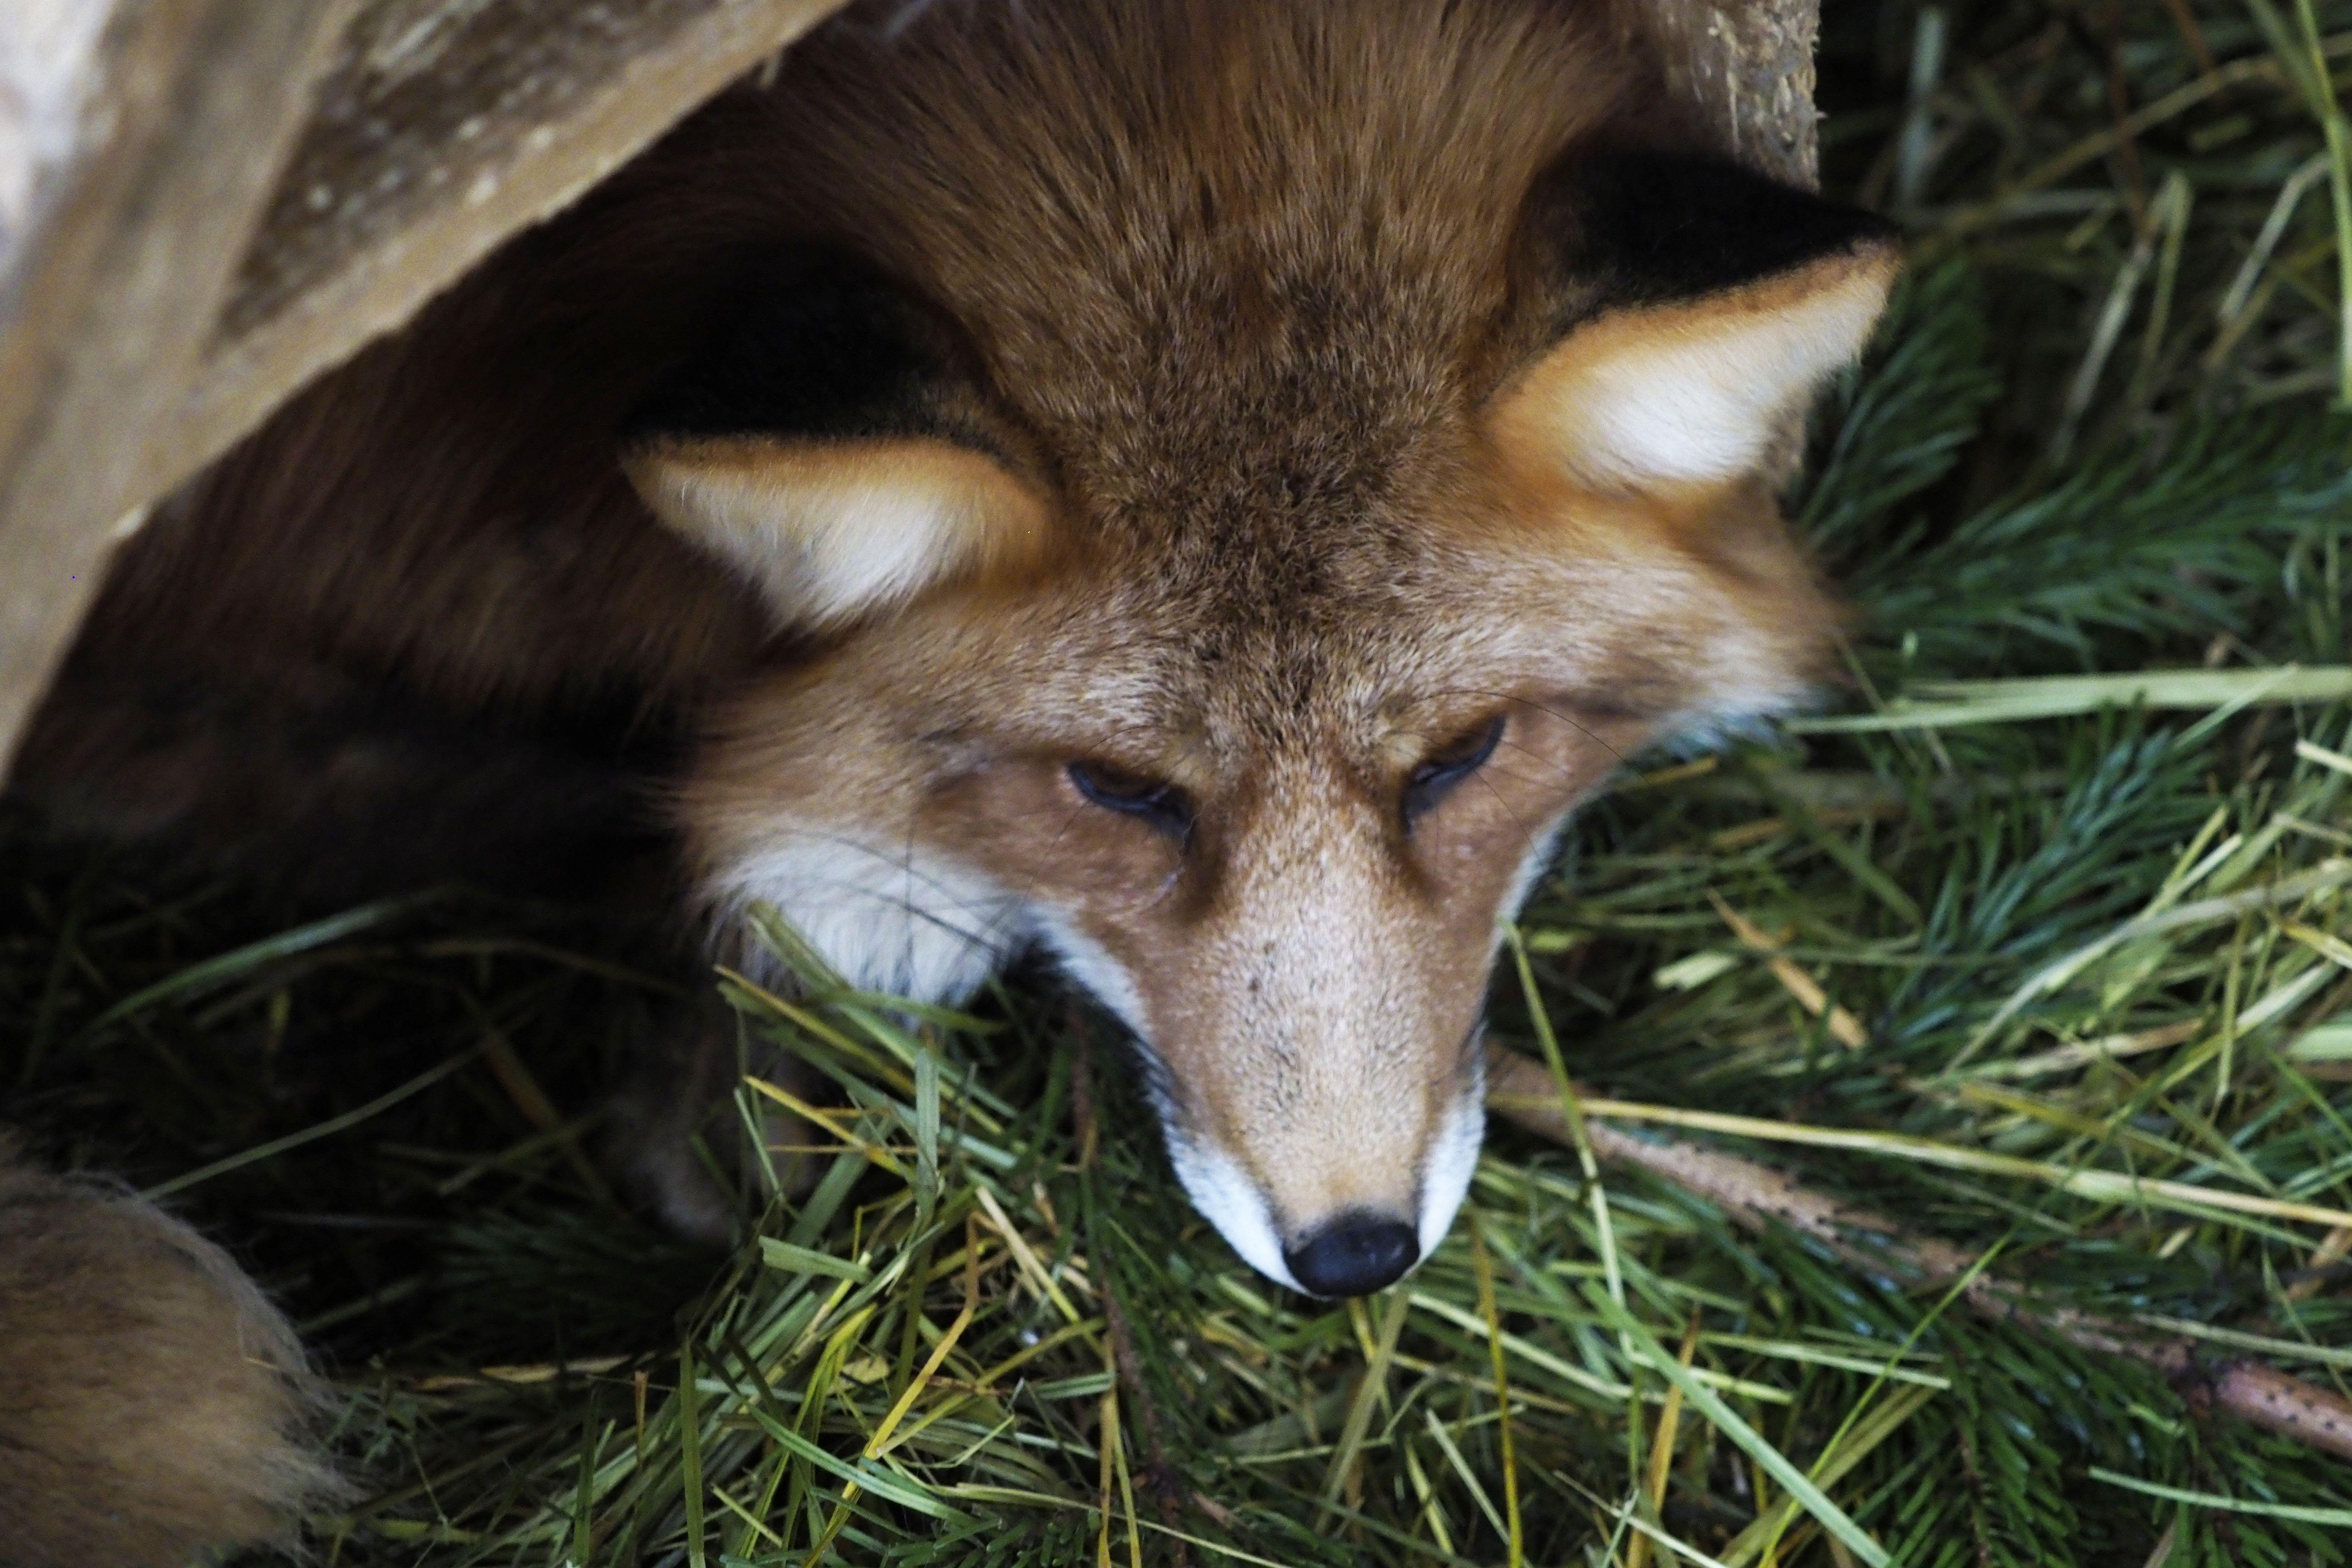 Власти Москвы объяснили появление лесных животныхв городе